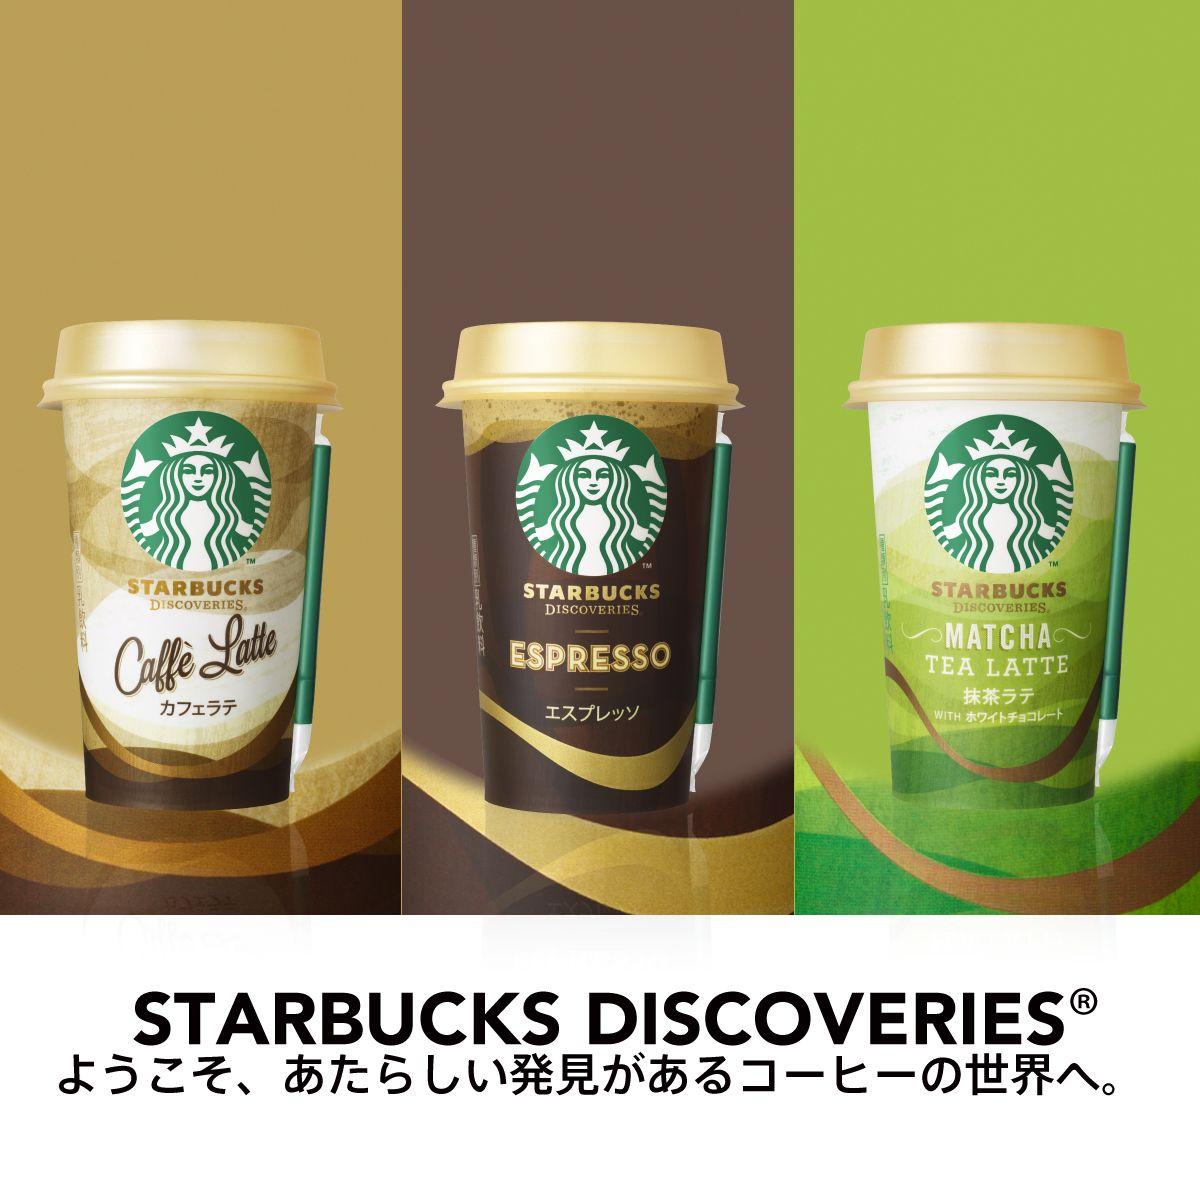 スーパー コンビニ 百貨店 スターバックス コーヒー ジャパン 牛乳のパッケージ コーヒーカップのデザイン スターバックス